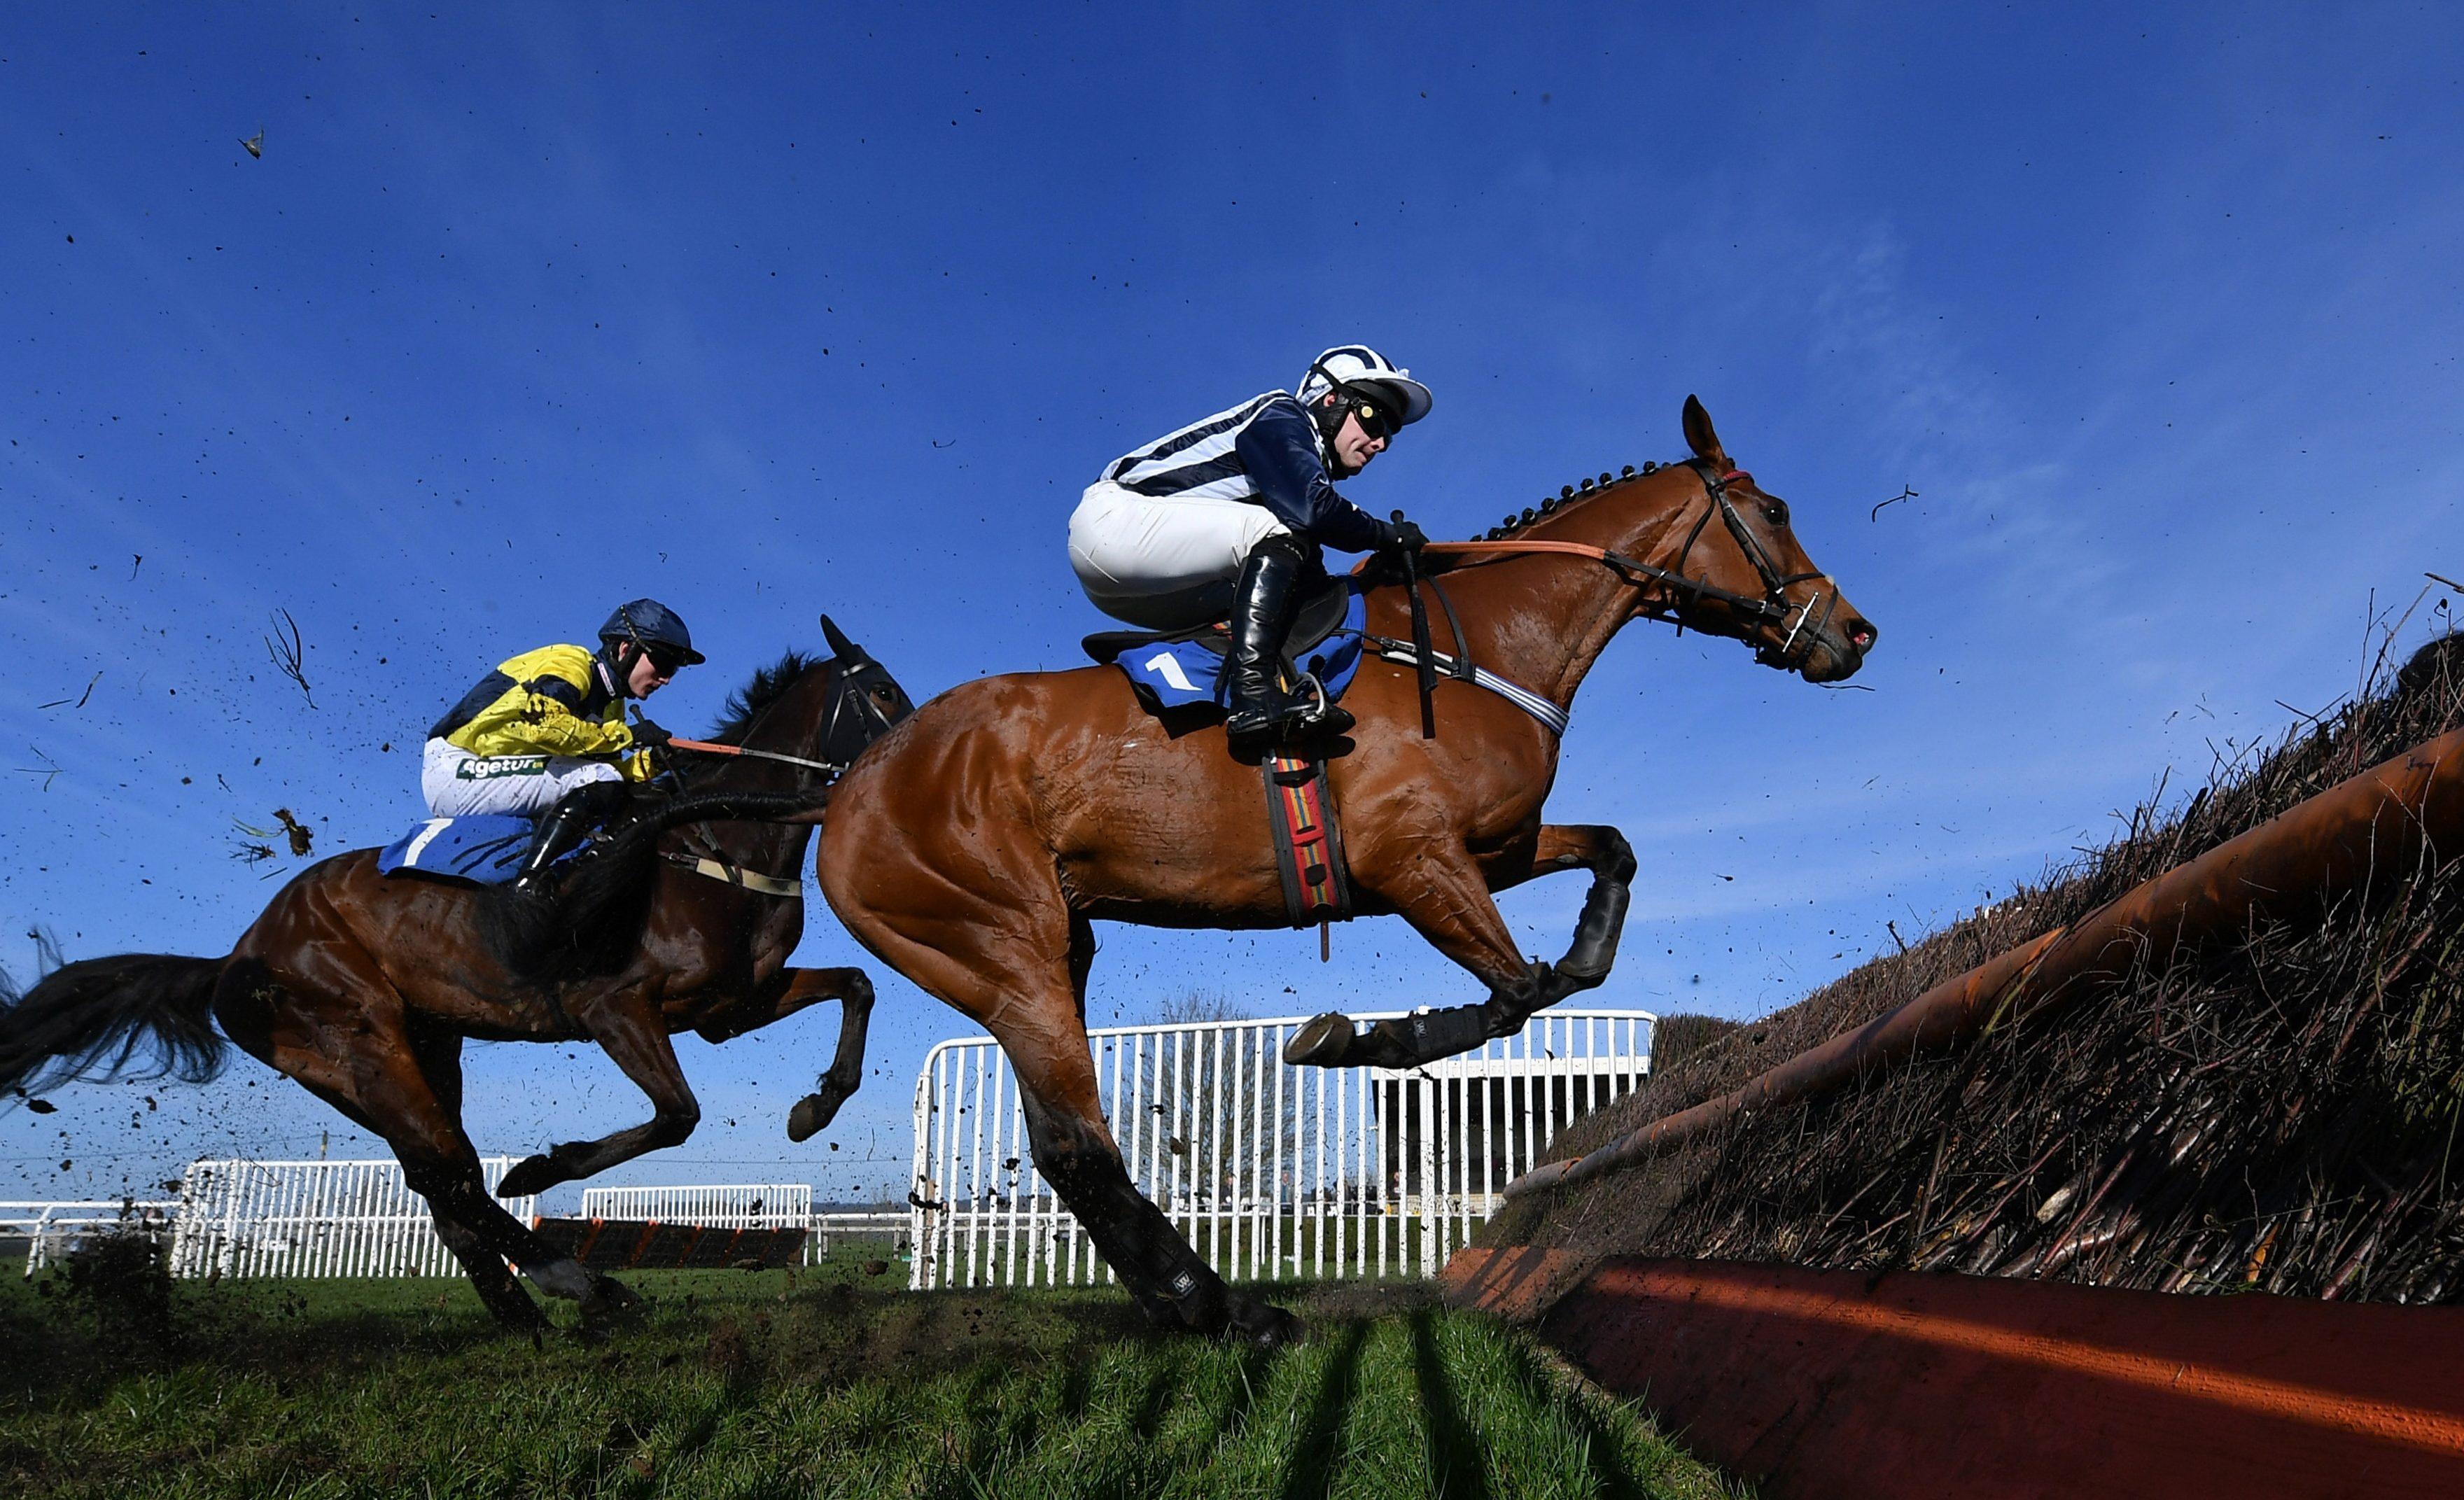 Всё о конном спорте